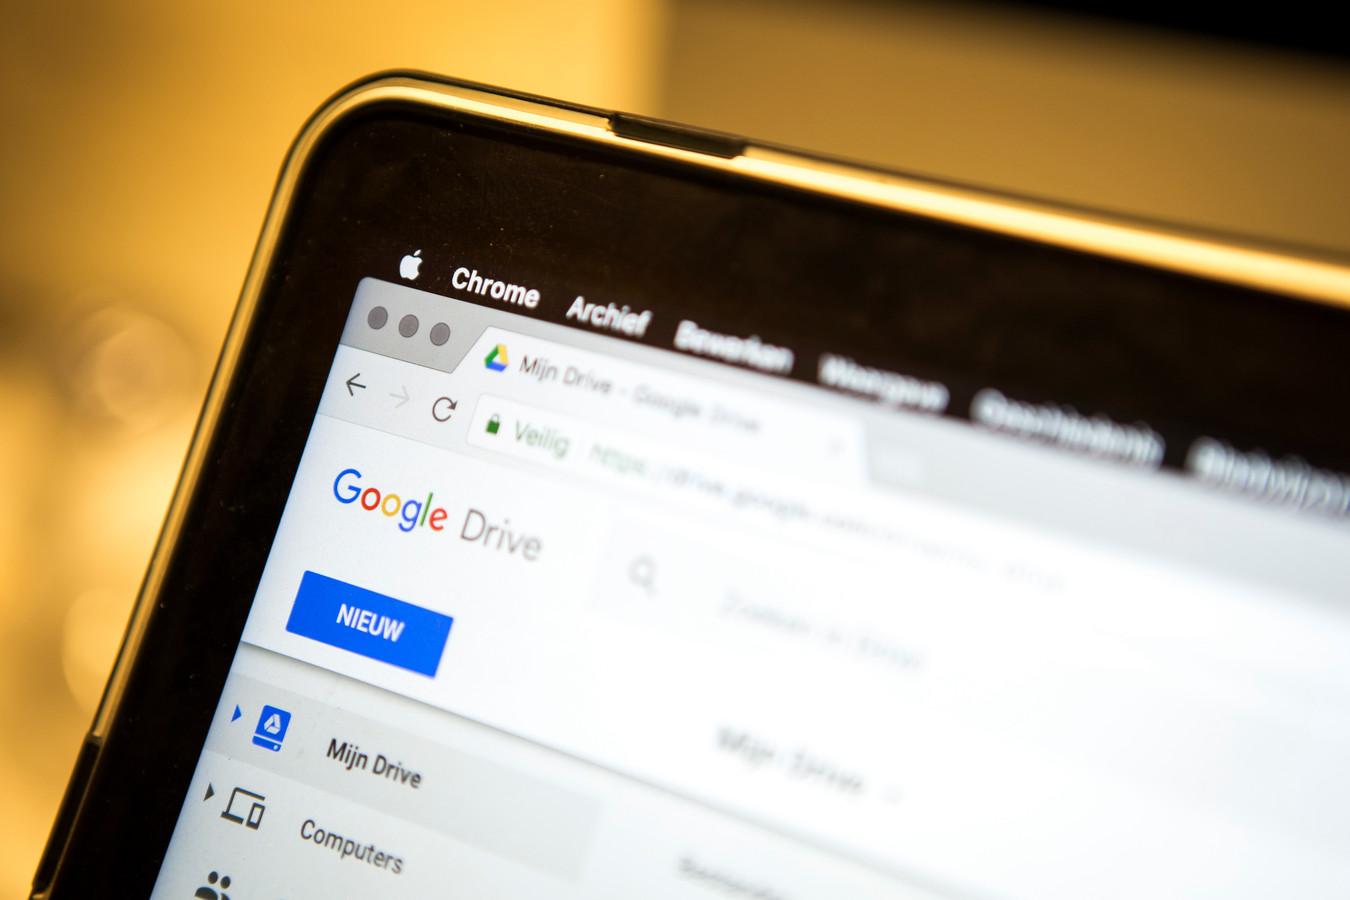 De Italiaanse mededingingsautoriteit AGCM heeft een zestal onderzoeken aangekondigd naar de cloudopslagdiensten van Apple, Google en Dropbox. Volgens de AGCM zouden de techbedrijven er oneerlijke handelspraktijken op nahouden.